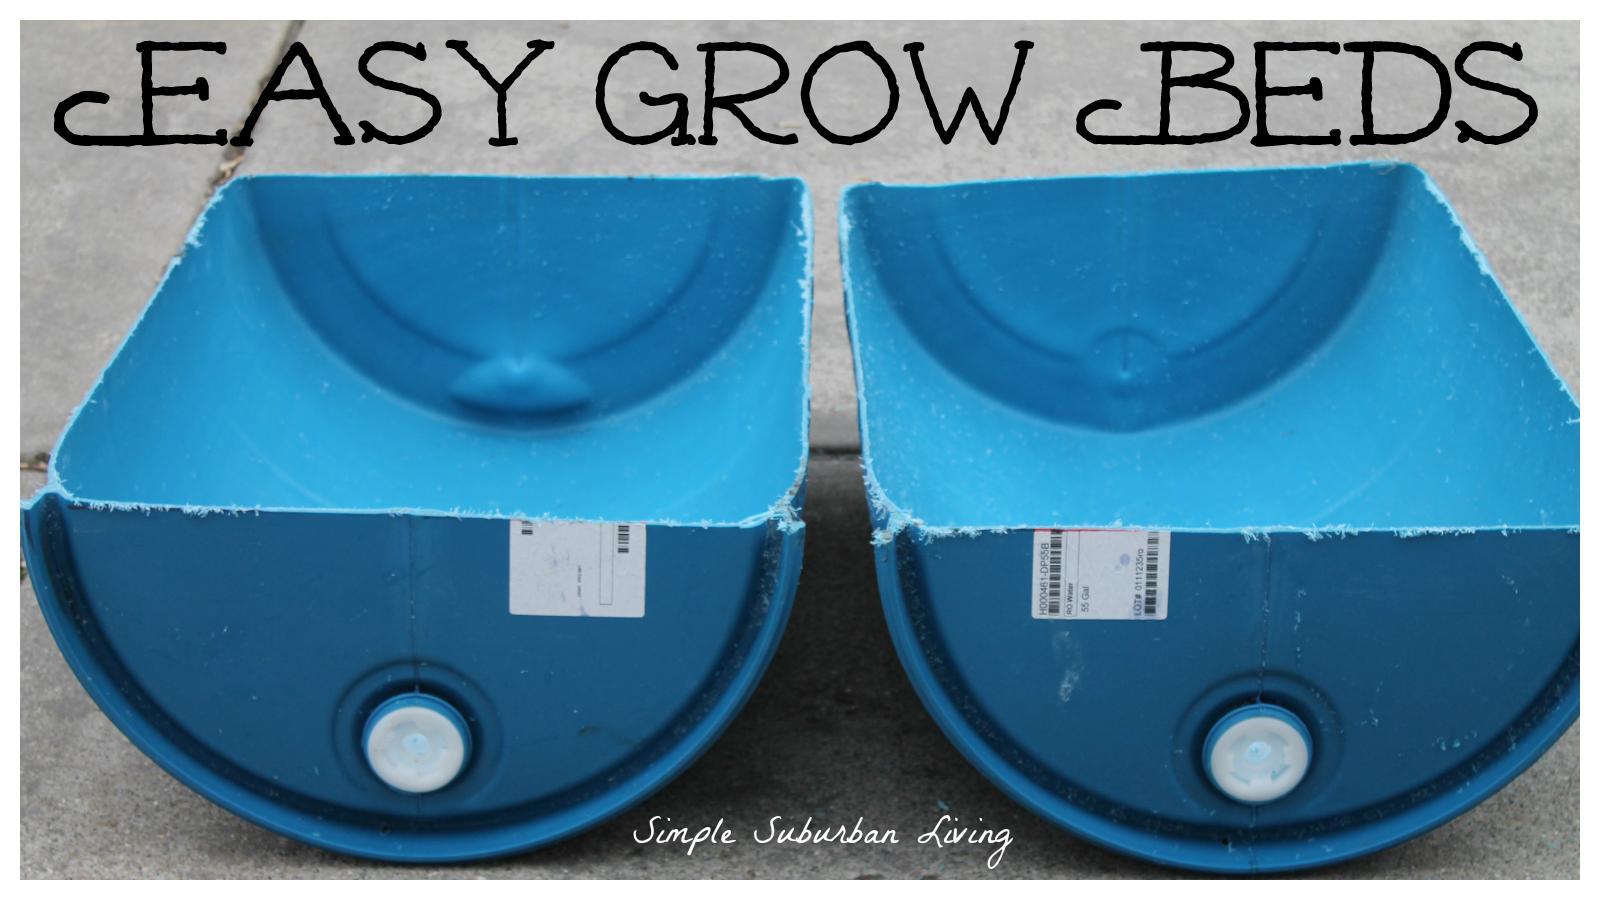 Preparing Barrels For Grow Beds Aquaponics Or Hydroponics